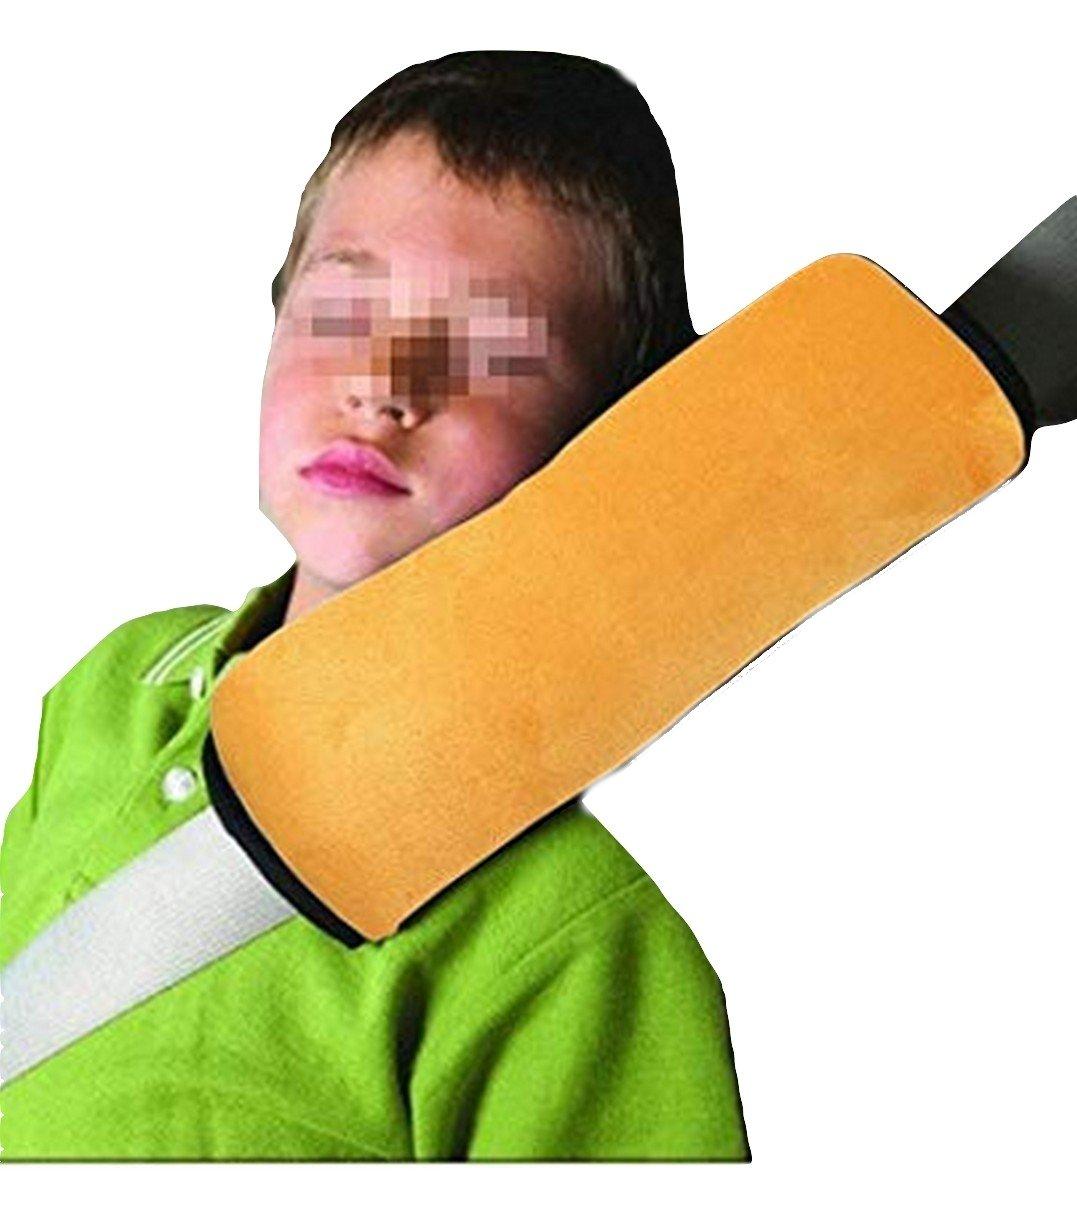 Coussin ceinture enfant sécurité soutien cou et appuie tête souple adapté même à Voyage avion bus voiture train couleur ciel PICCOLI MONELLI